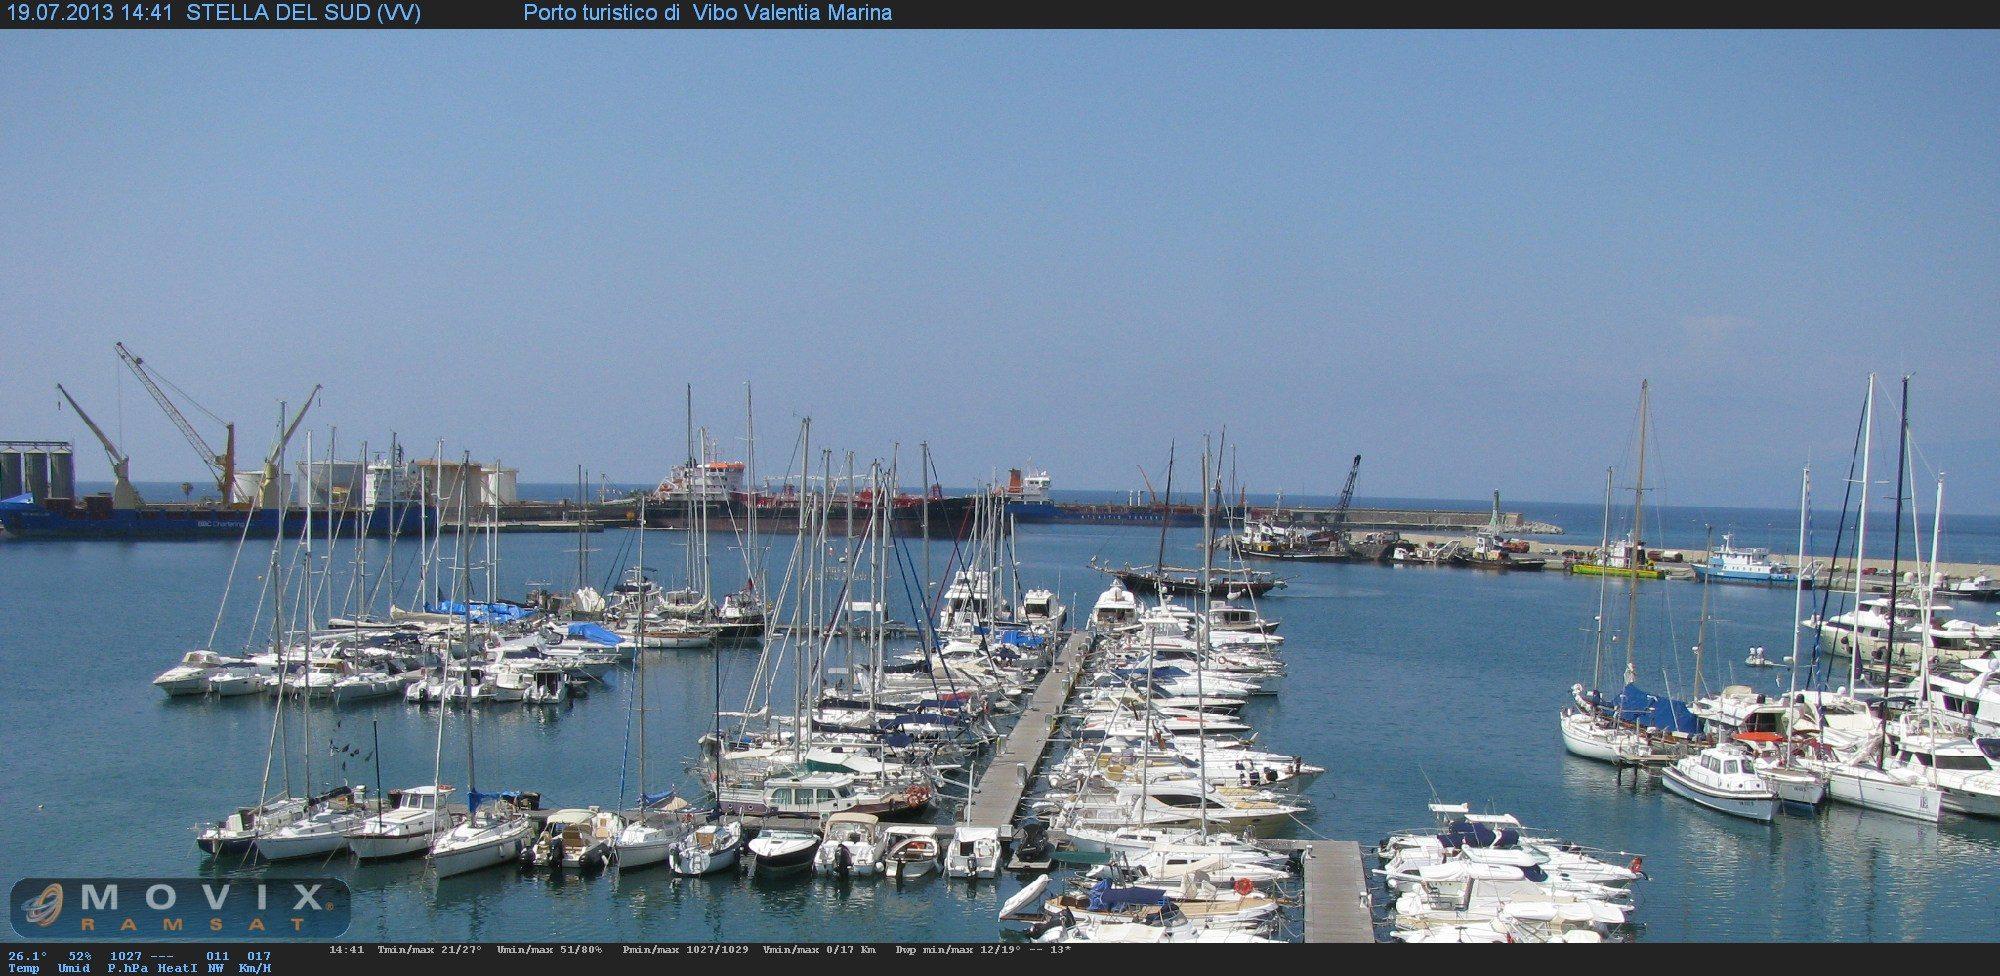 Porto turistico di Vibo Valentia Marina